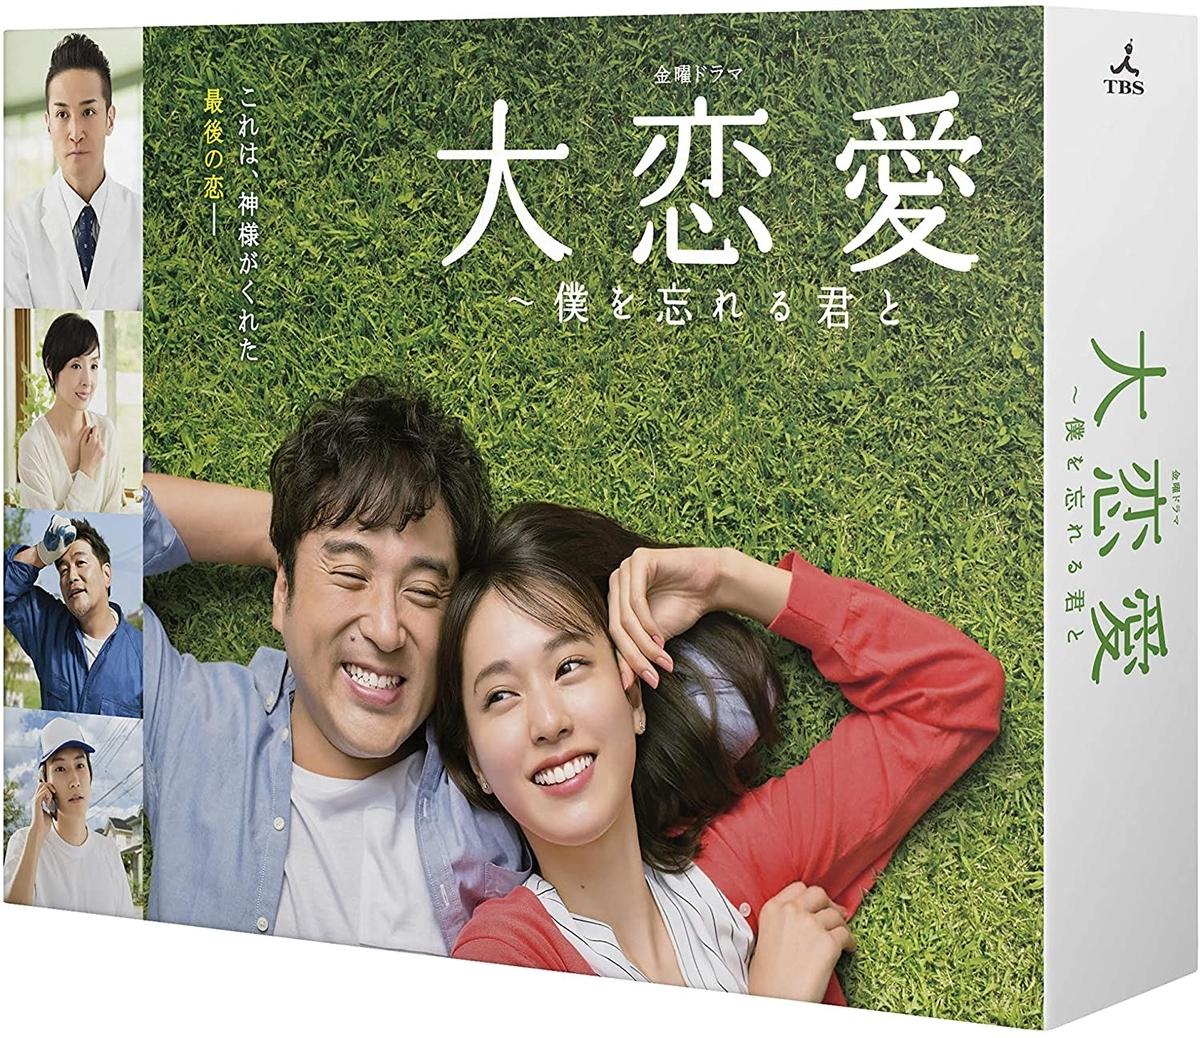 『大恋愛~僕を忘れる君と』DVD-BOX、TCエンタテインメント、2019年